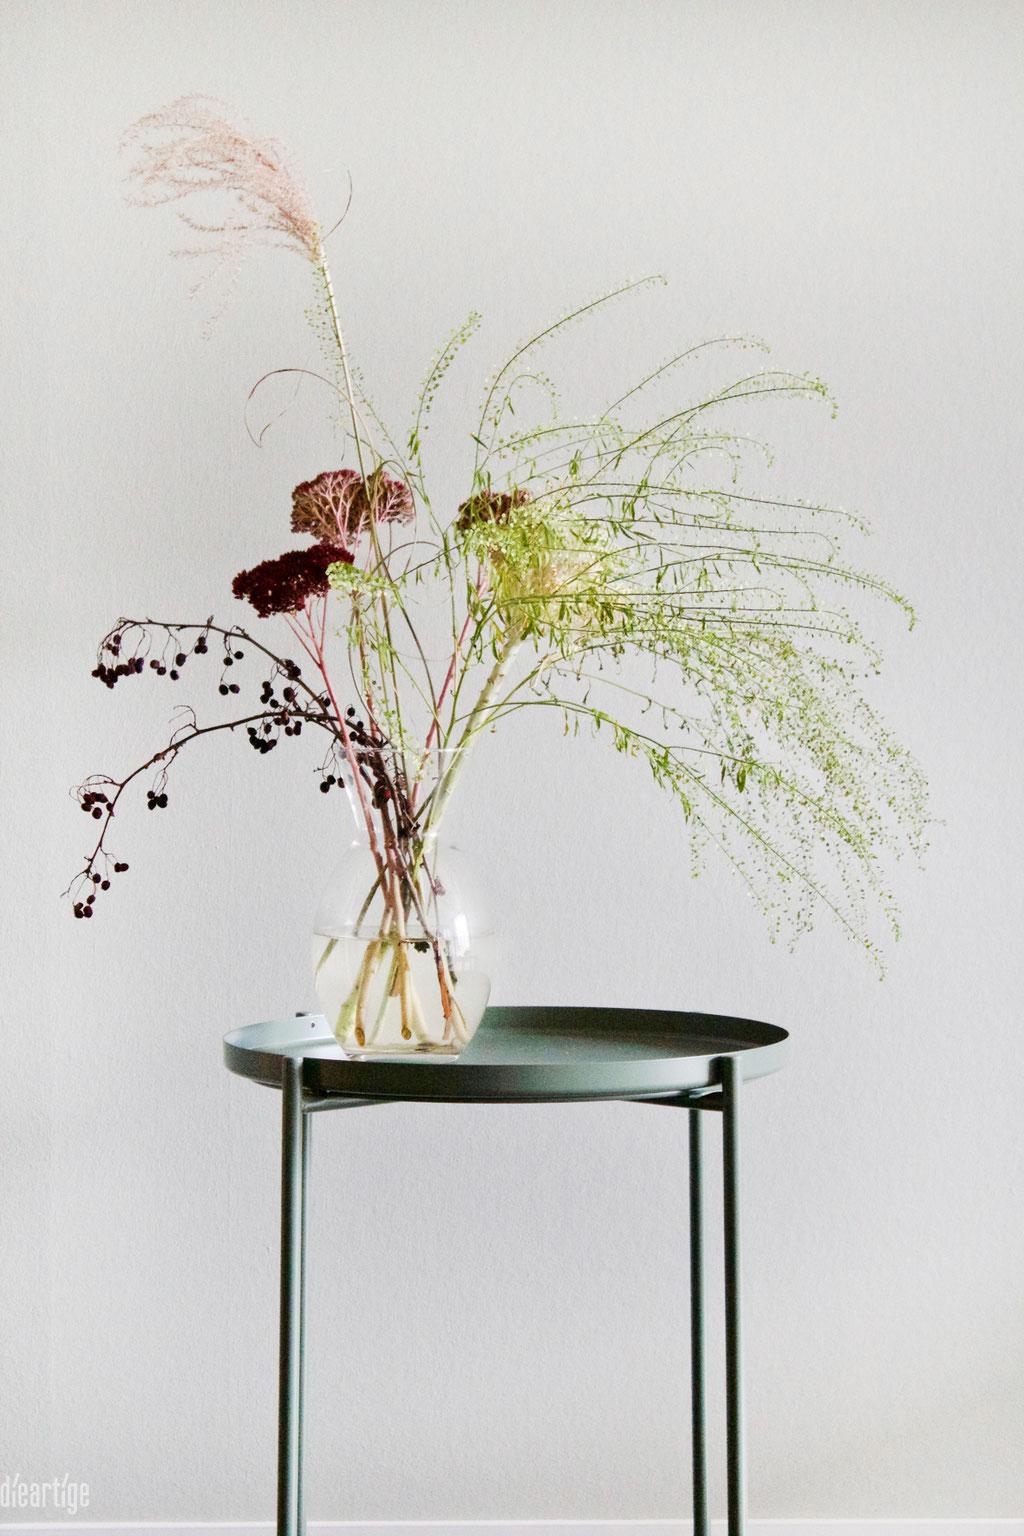 dieartige - Praxisgestaltung, Physiotherapie | Wartebereich, Detail - Beistelltisch mit Blumen